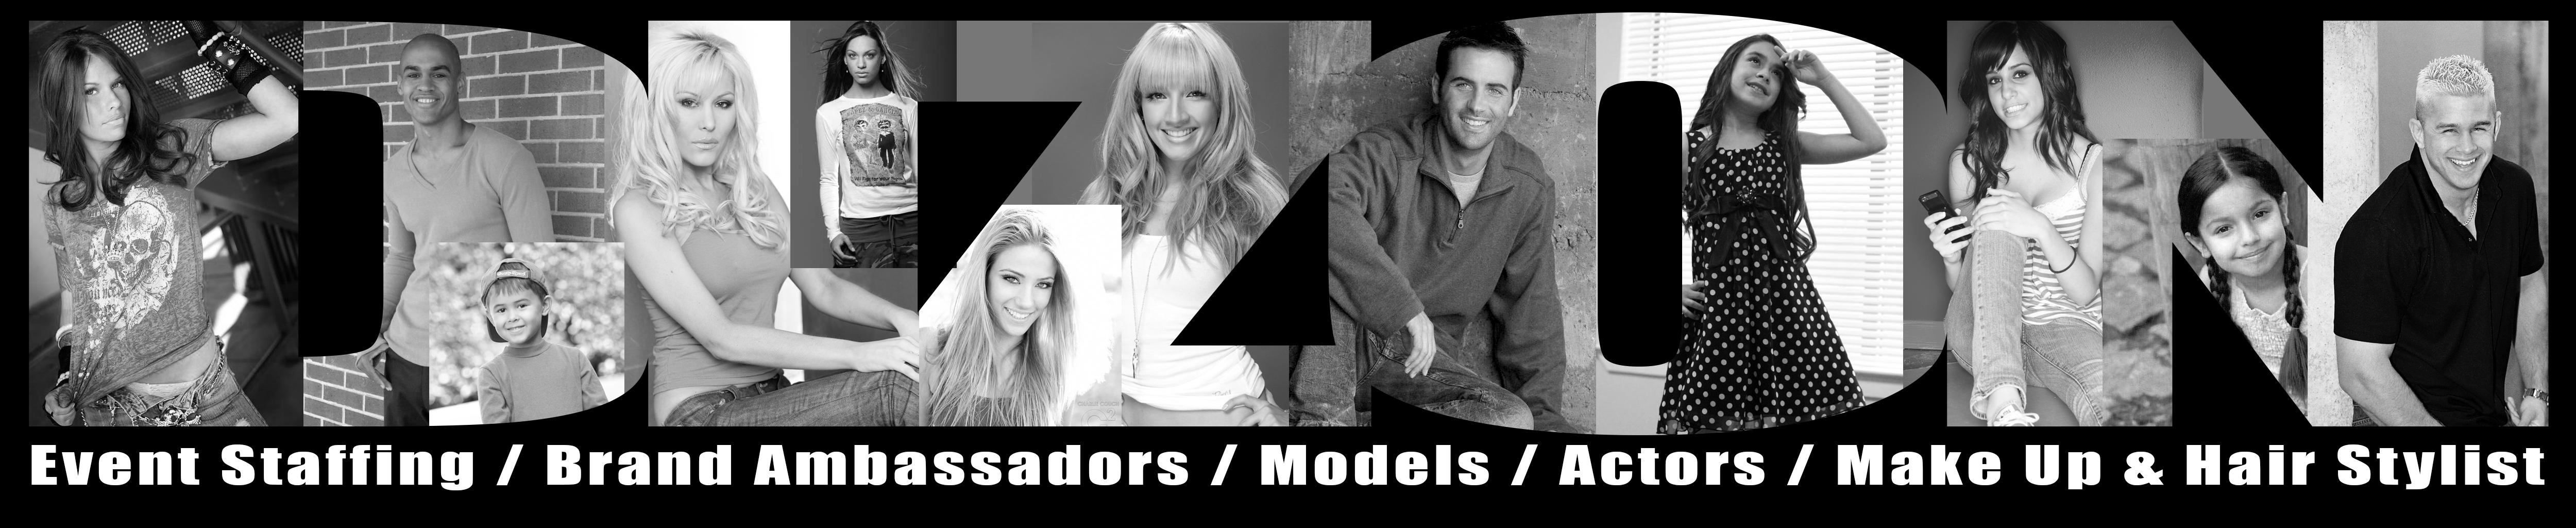 Model & Talent